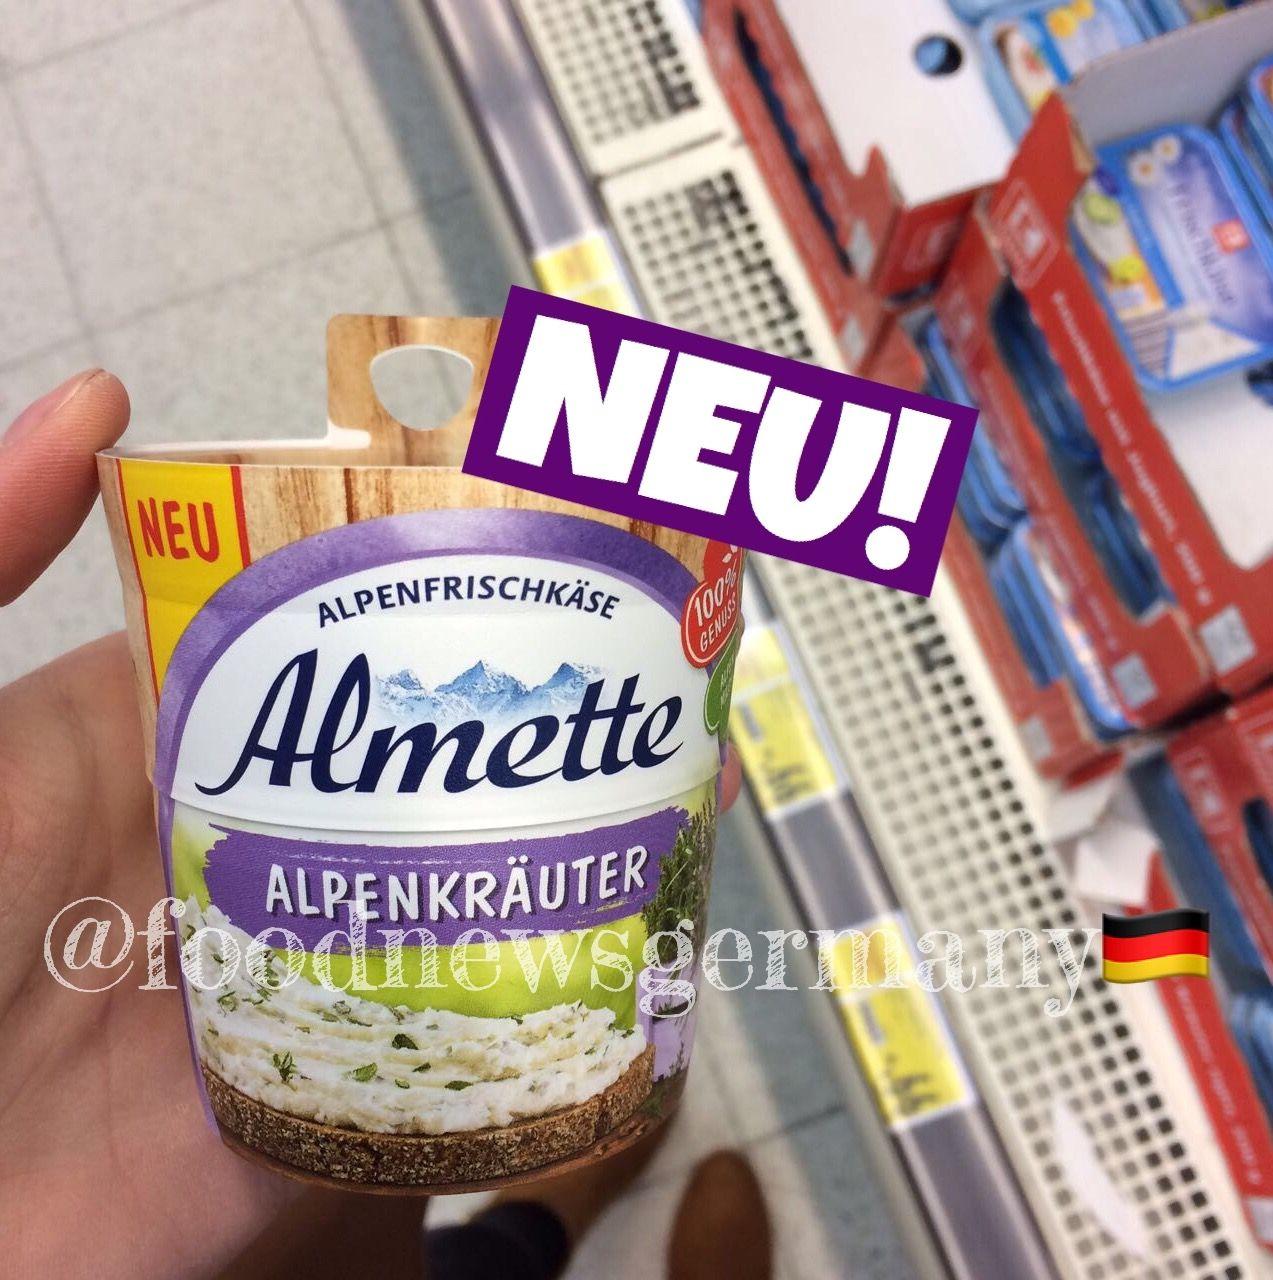 ALMETTE ALPENKRÄUTER 🌿🗻🧀. PRODUKTNEUHEIT